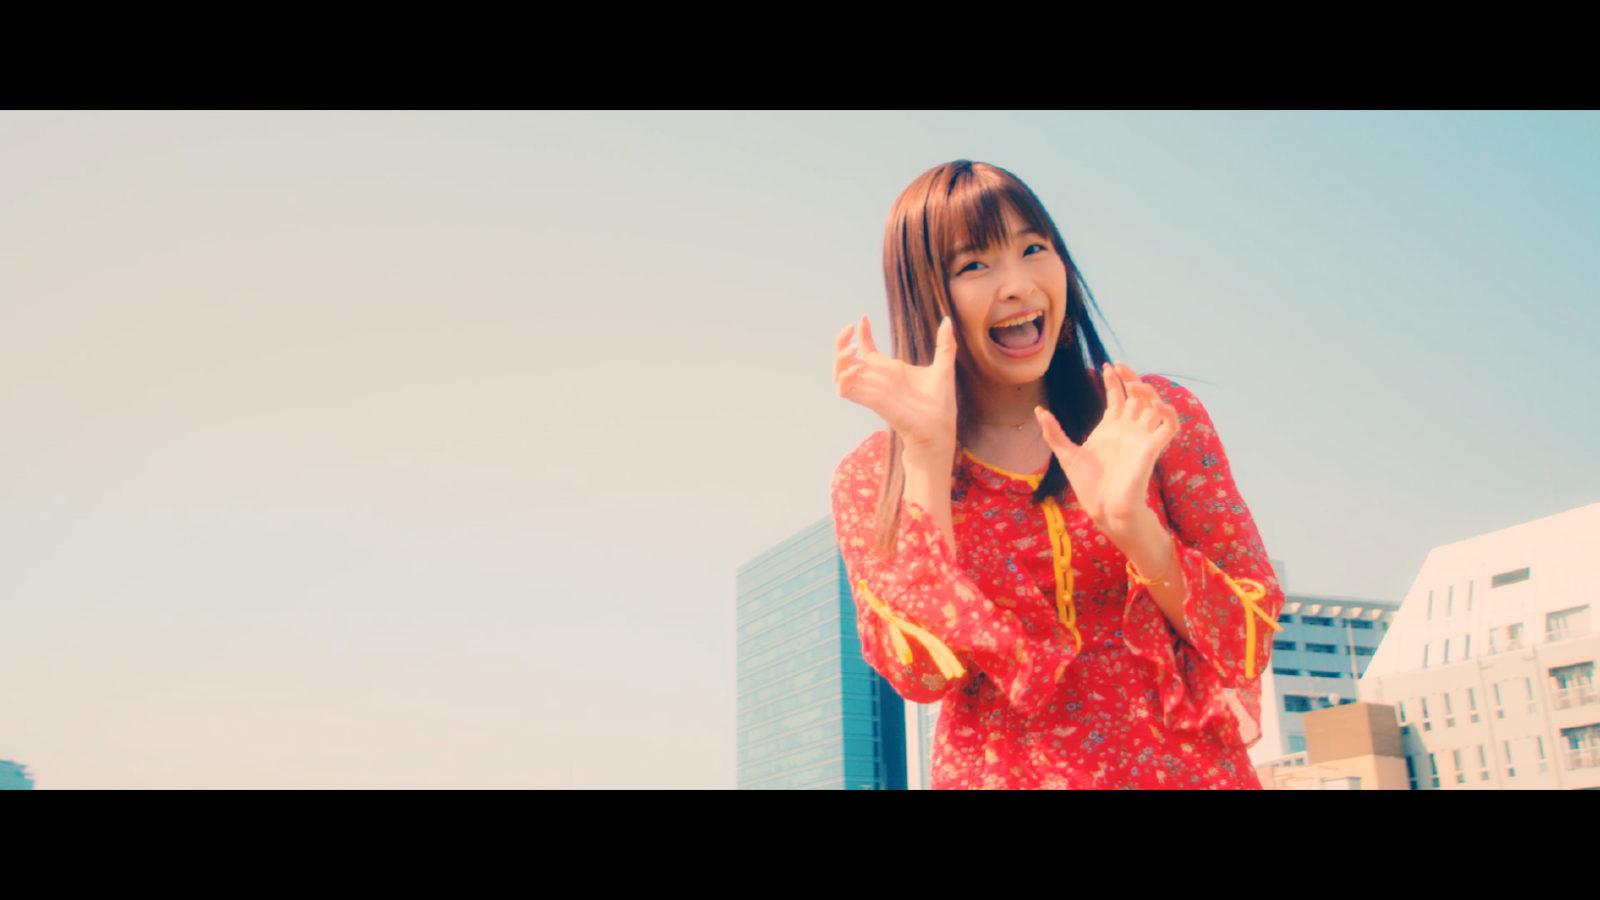 halca、5月13日リリースのニュー・シングル「時としてバイオレンス」MVをプレミア公開サムネイル画像